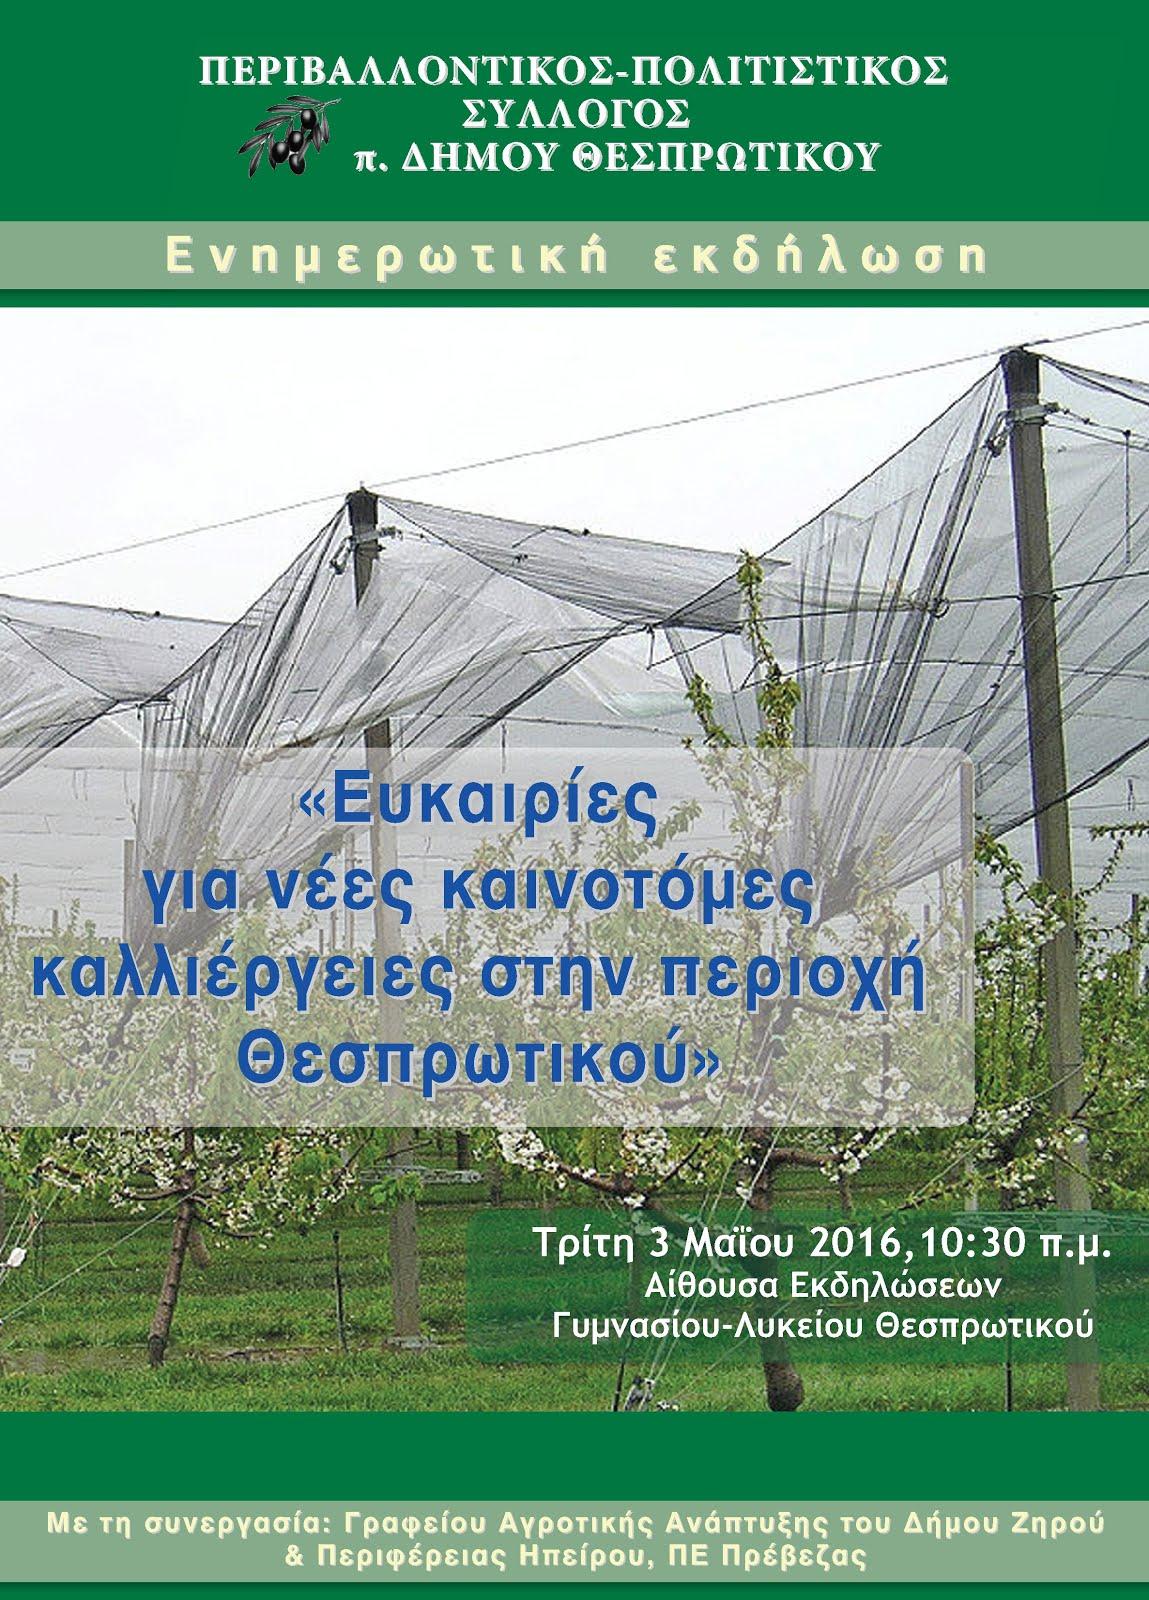 Ευκαιρίες για νέες καινοτόμες καλλιέργειες στην περιοχή Θεσπρωτικού